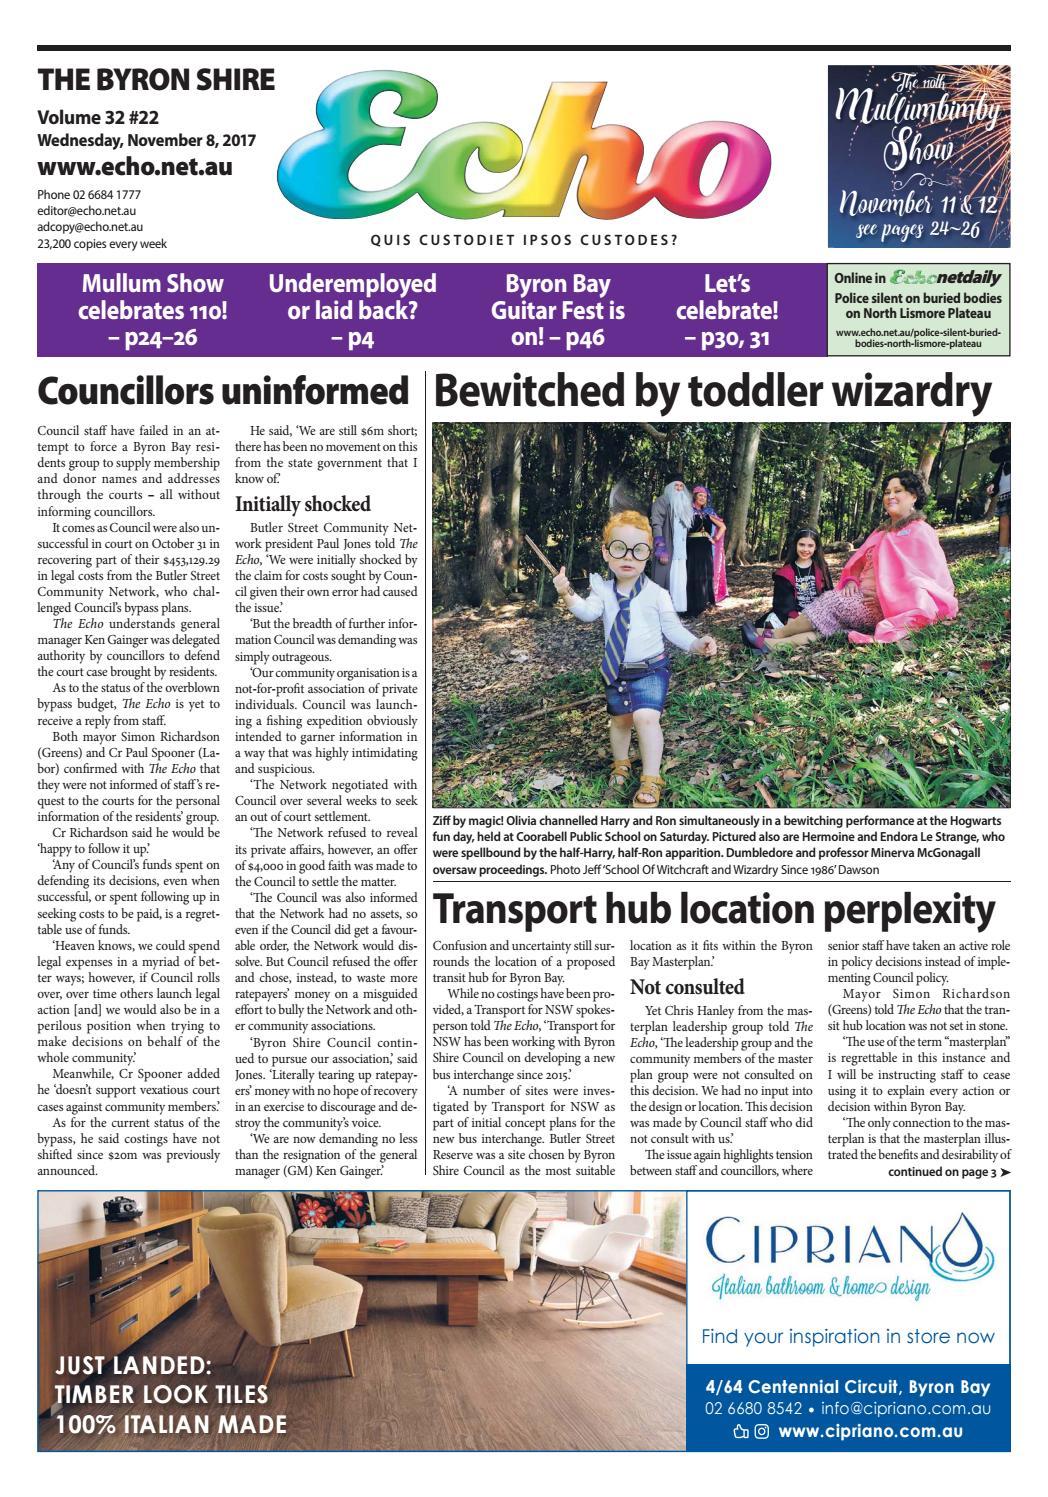 bdac94bdaadd4 Byron Shire Echo – Issue 32.22 – 08 11 2017 by Echo Publications - issuu